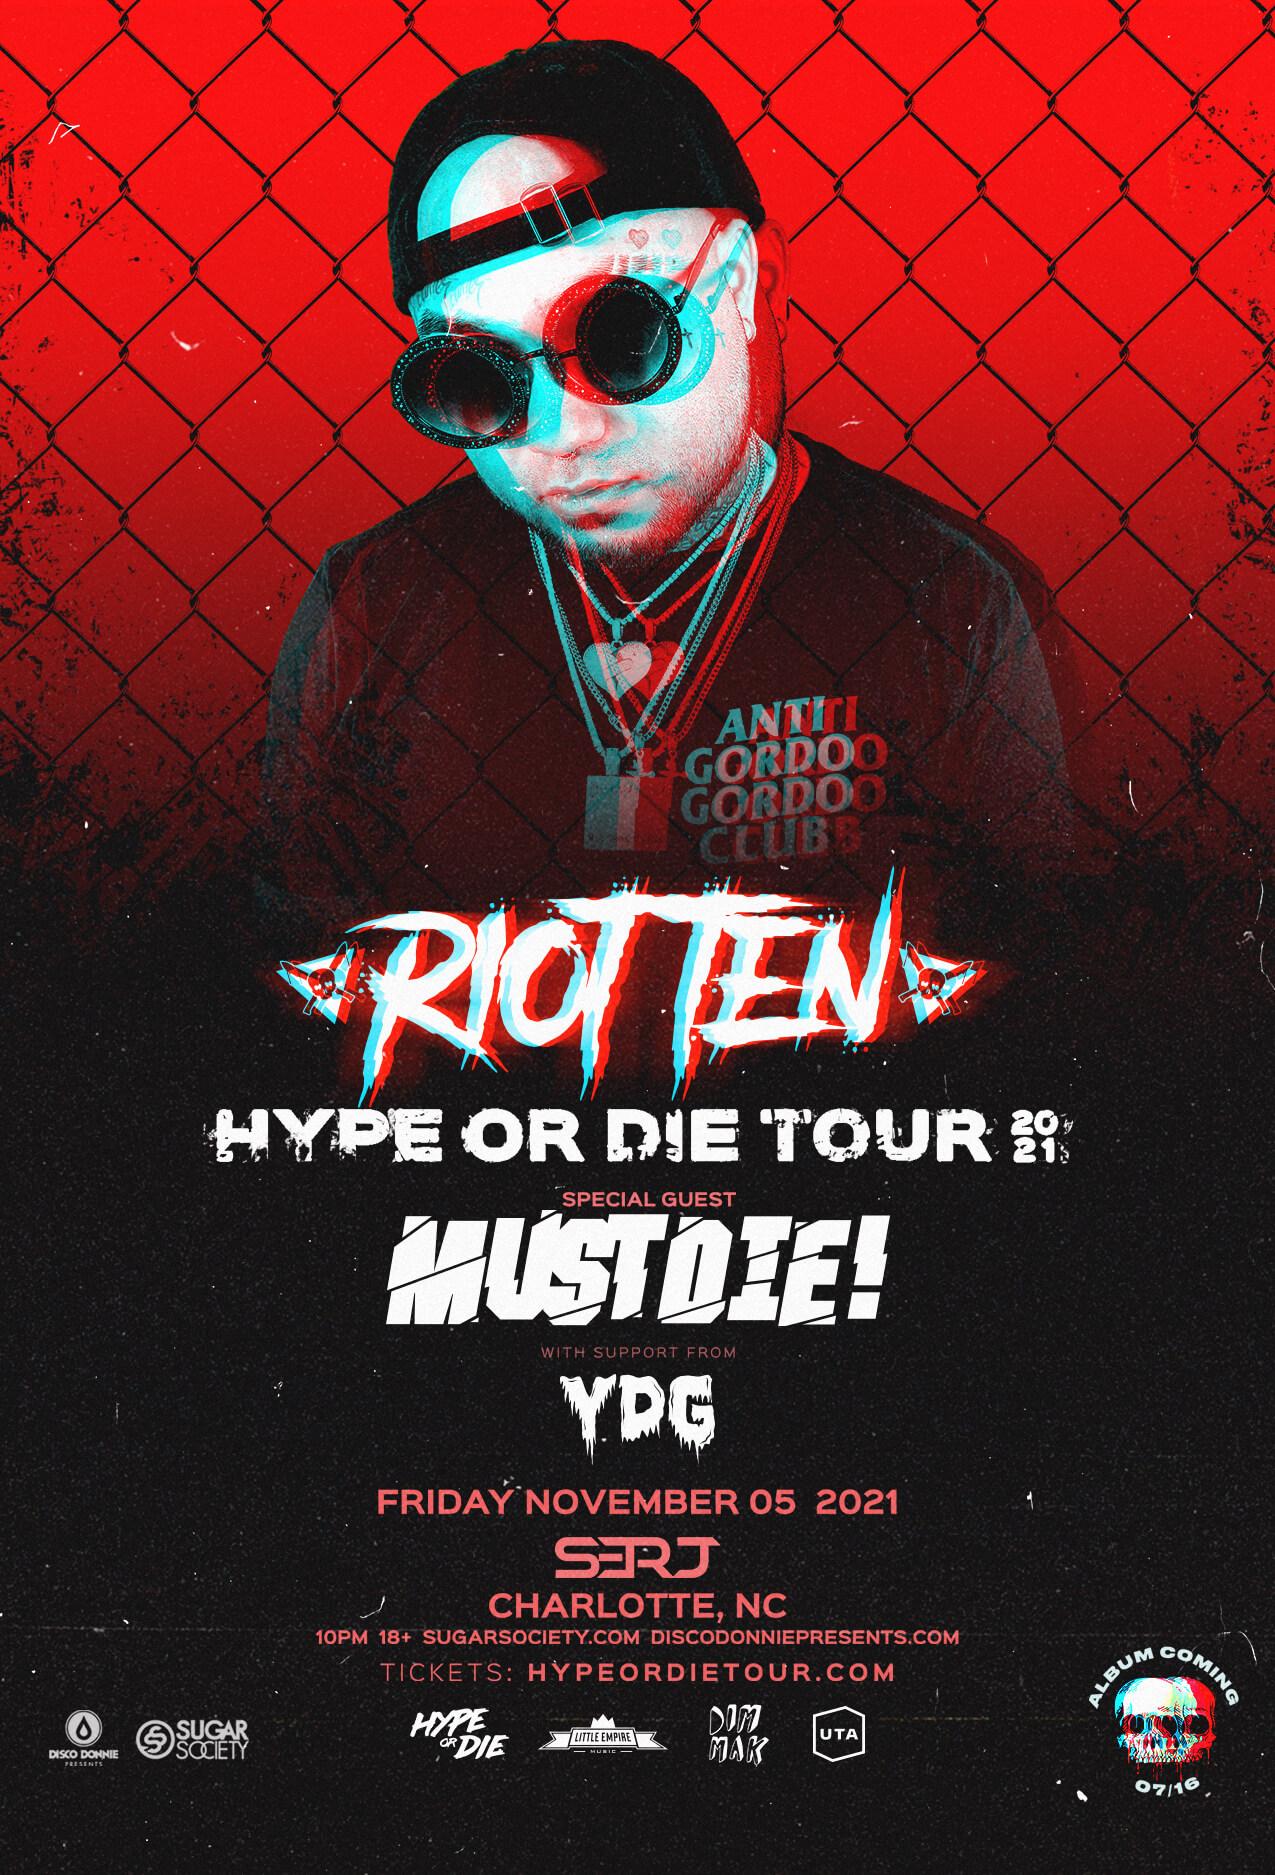 Riot Ten, Must Die!, YDG in Charlotte